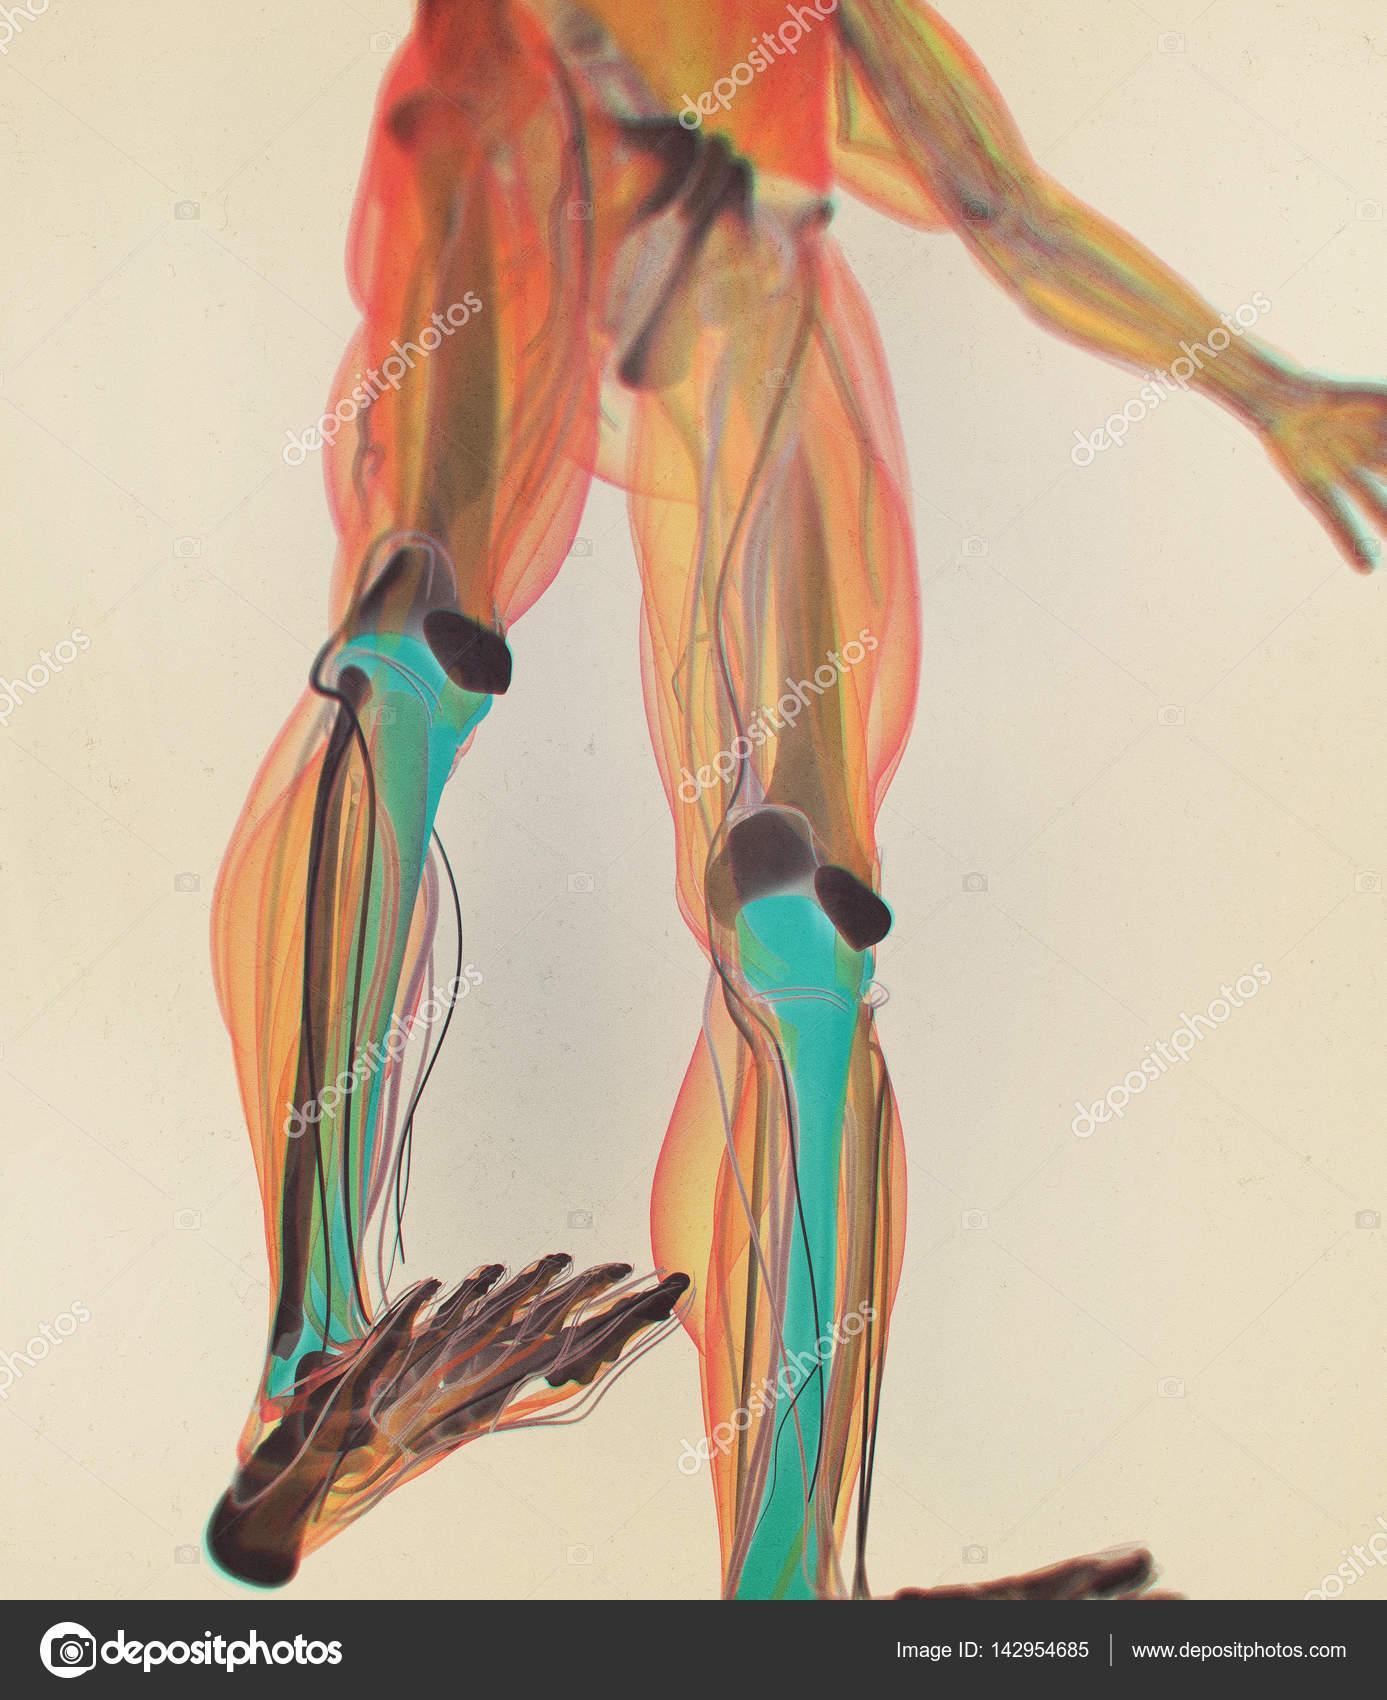 traktierte Anatomie Modell — Stockfoto © AnatomyInsider #142954685